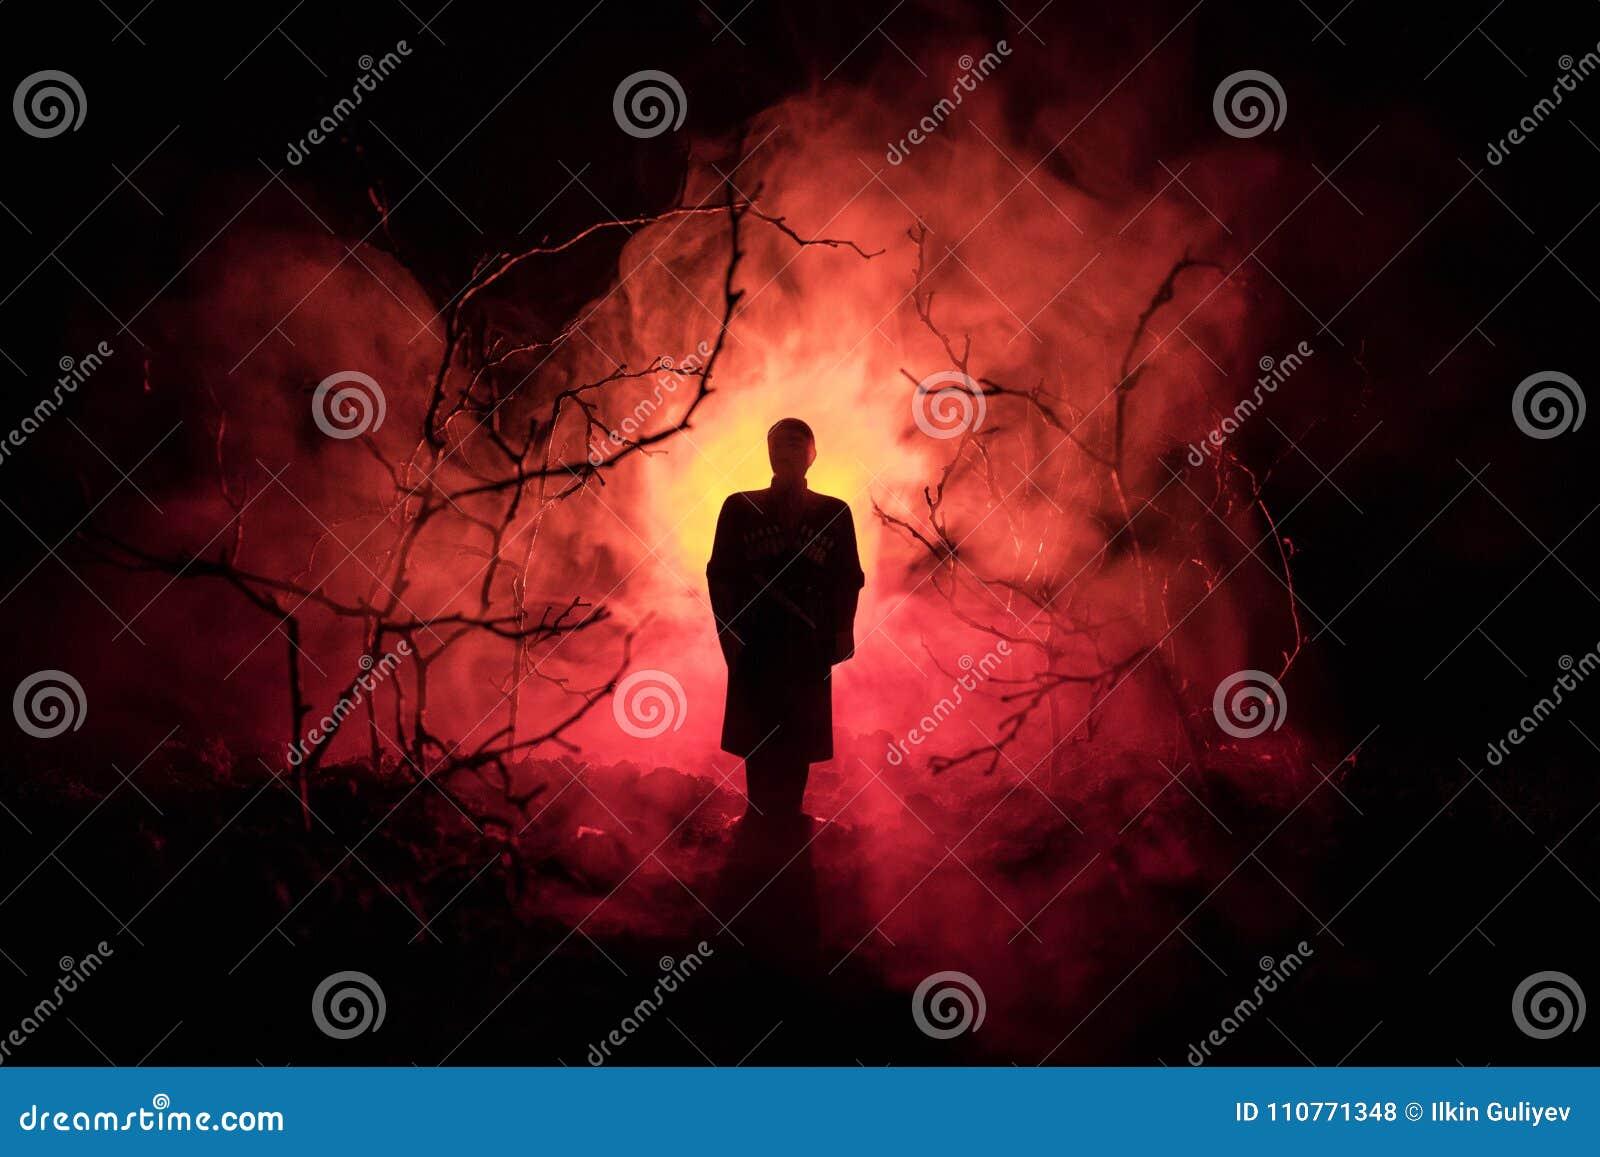 Silhouette étrange dans une forêt fantasmagorique foncée la nuit, lumières surréalistes de paysage mystique avec l homme rampant